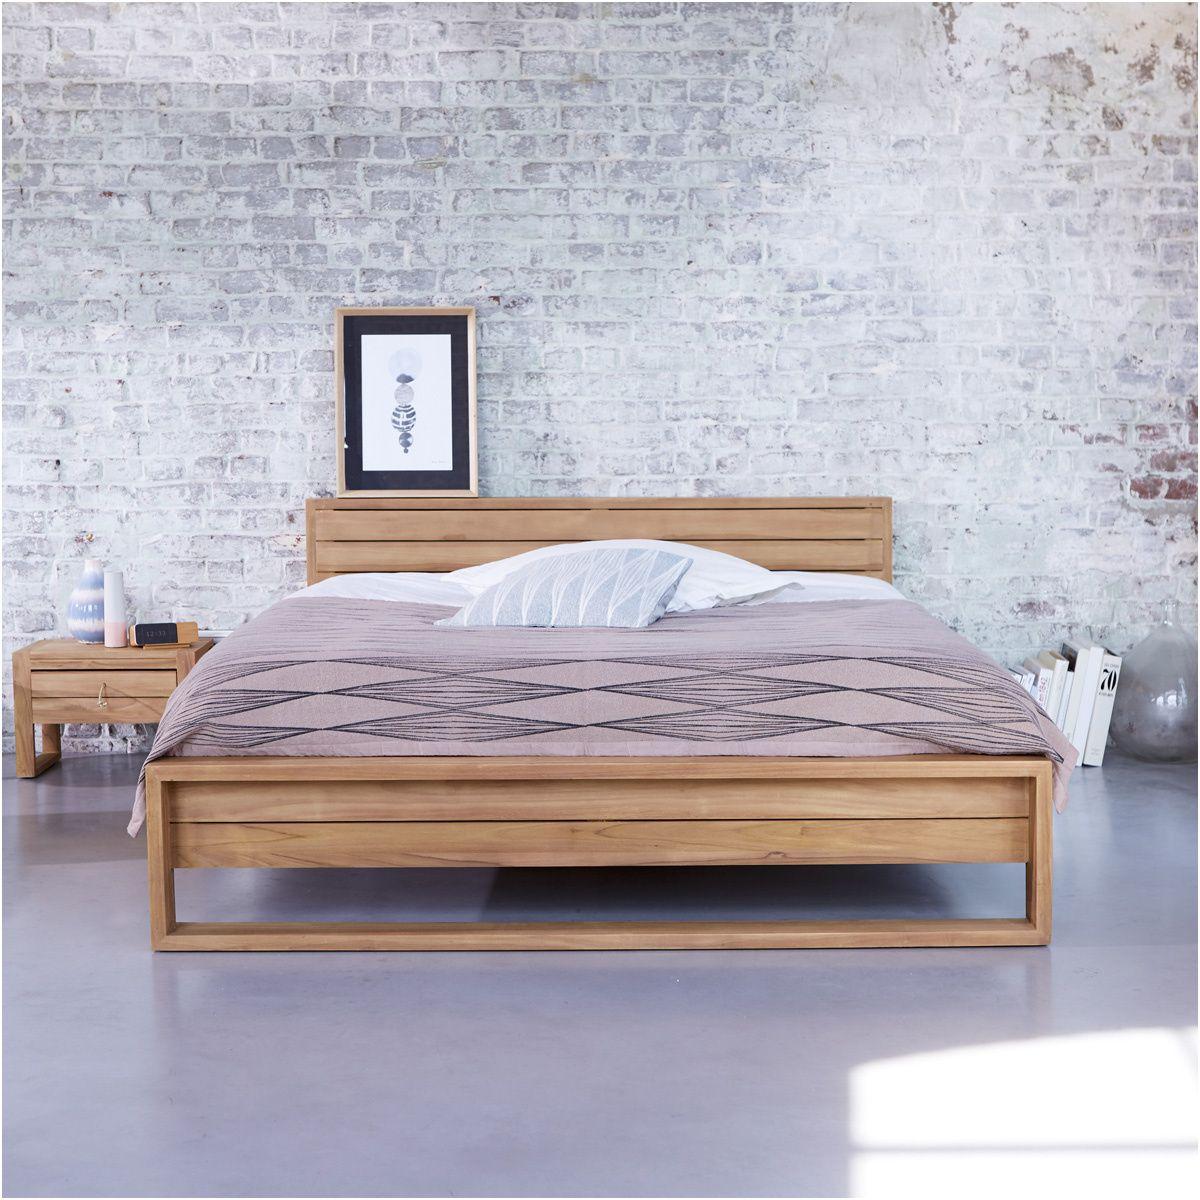 14 Terrific Lit Bois 160x200 Banc Bout De Lit Banc Bout De Lit In 2020 Bedroom Sets Furniture King Bedroom Furniture Sets Bedroom Furniture